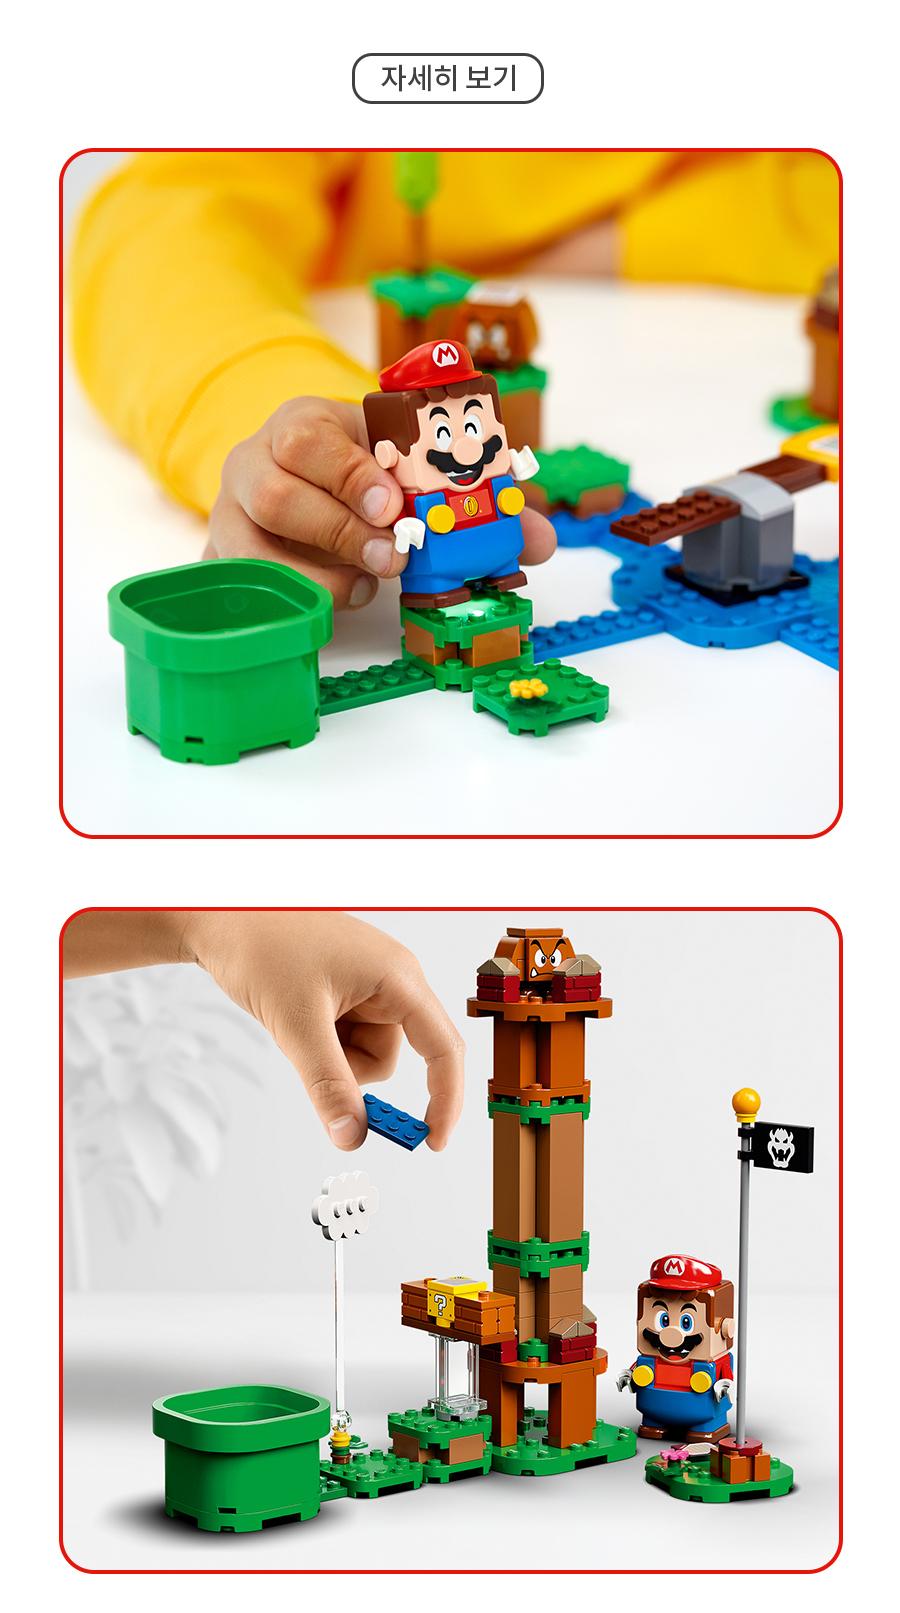 레고(LEGO) 슈퍼마리오 71360 슈퍼 마리오™ 스타터팩[레고공식]